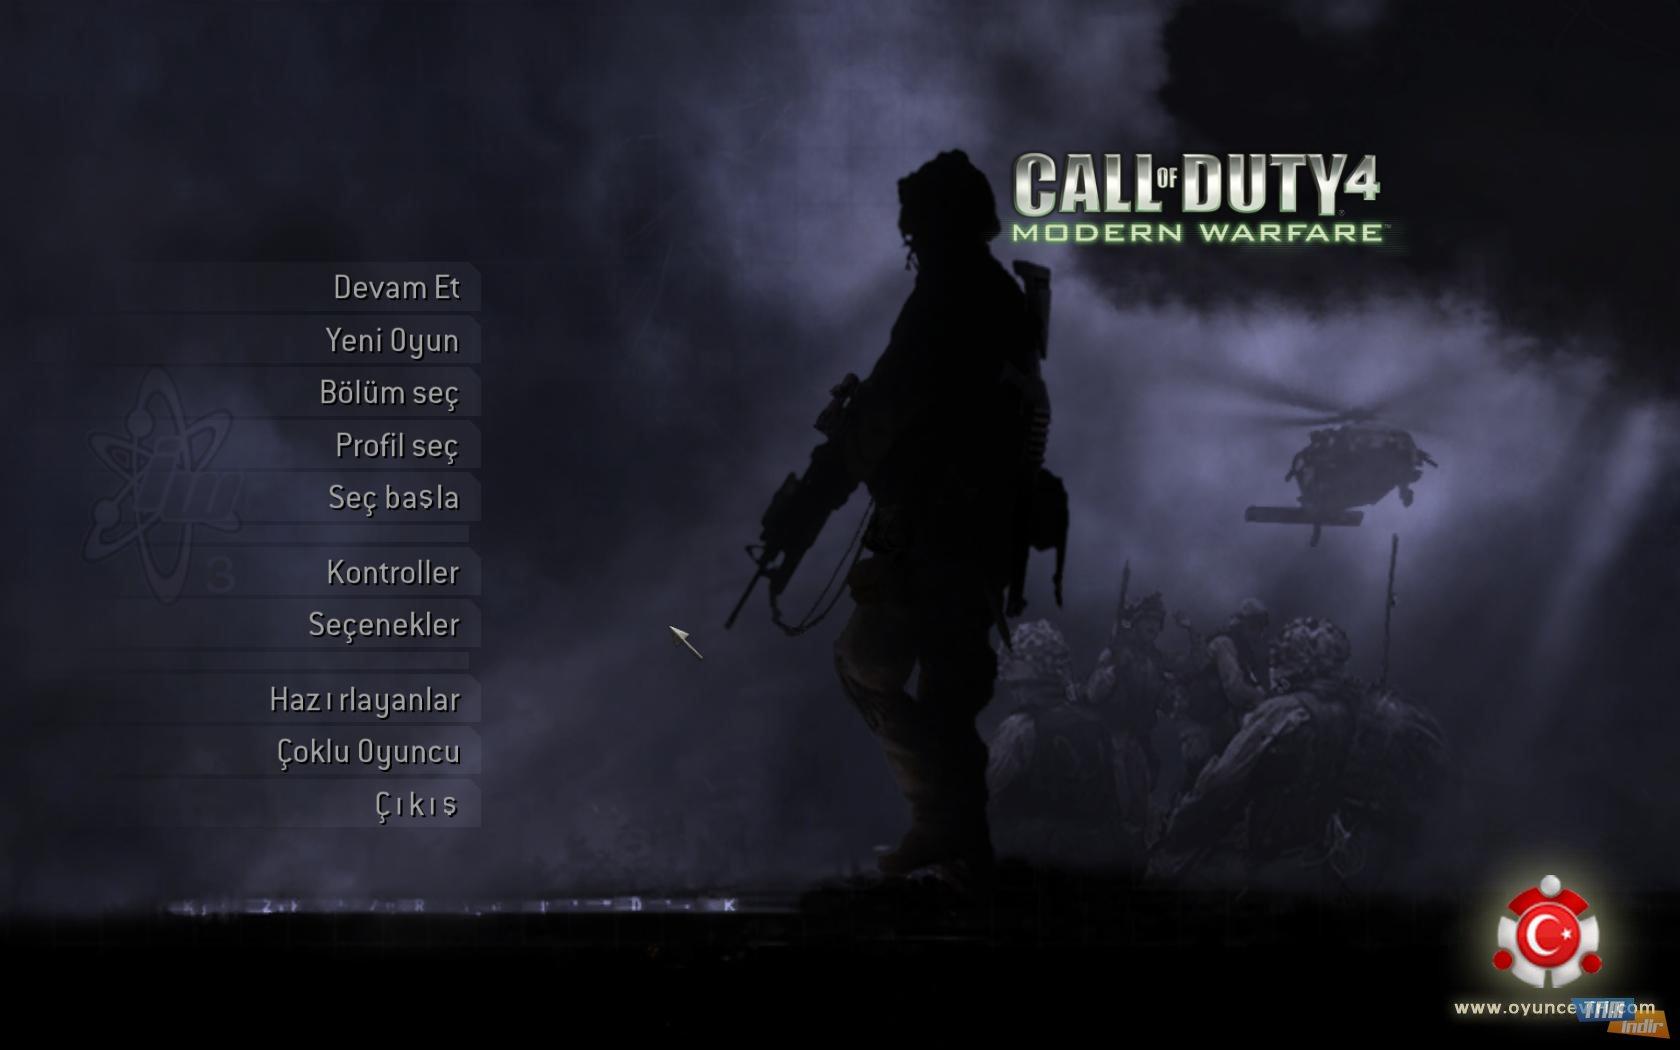 Of Duty 4